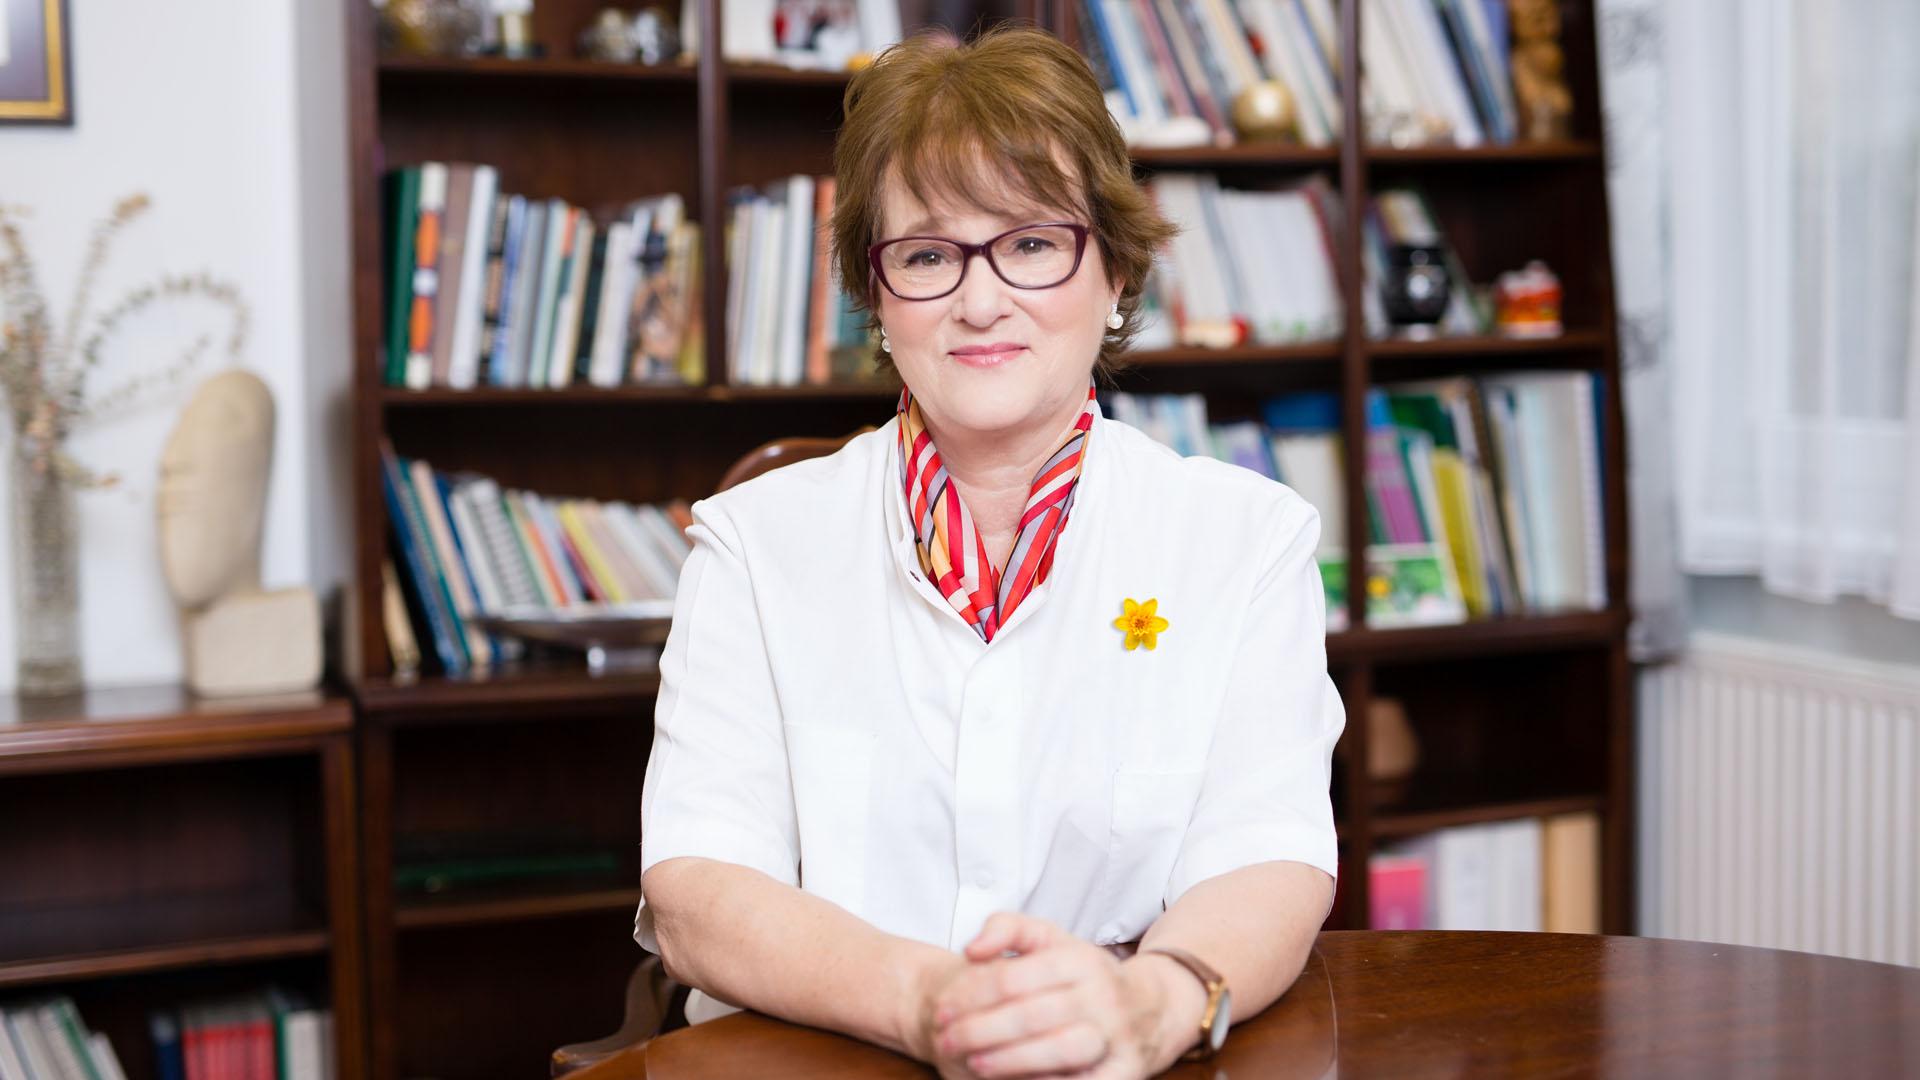 Interjú a haldoklásról és a halálról Dr. Muszbek Katalinnal